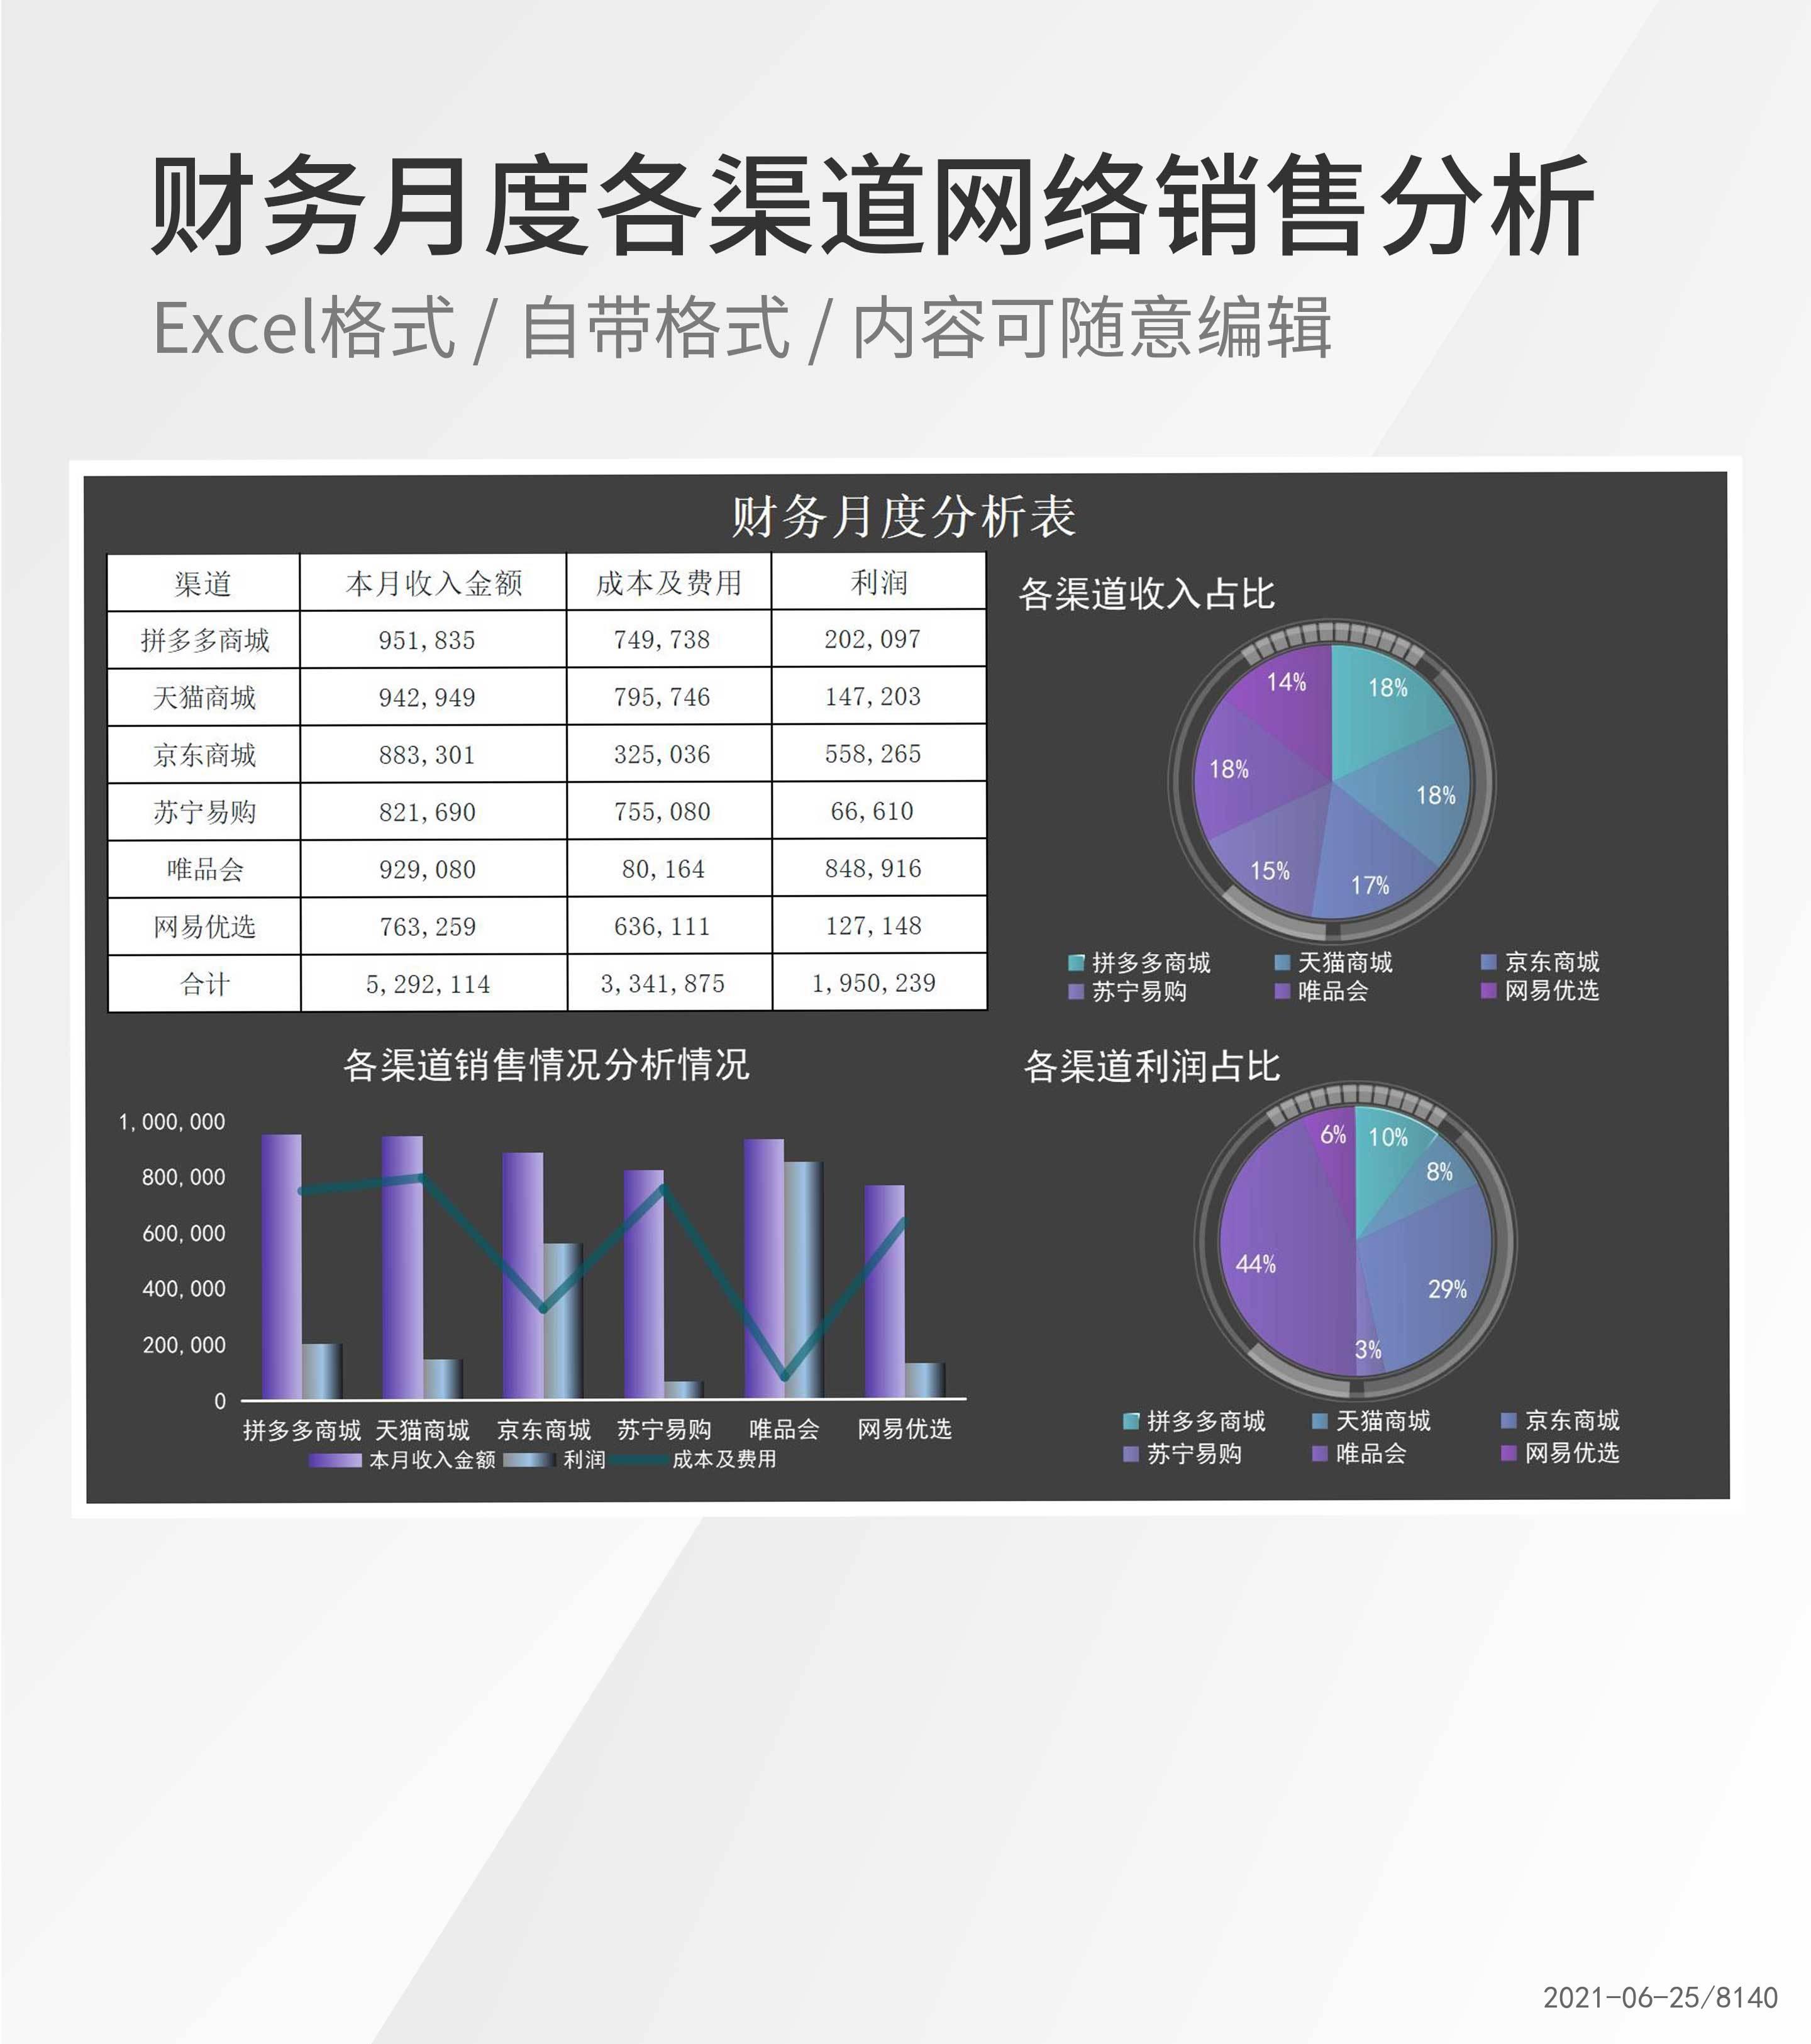 财务月度各渠道网络销售分析Excel模板